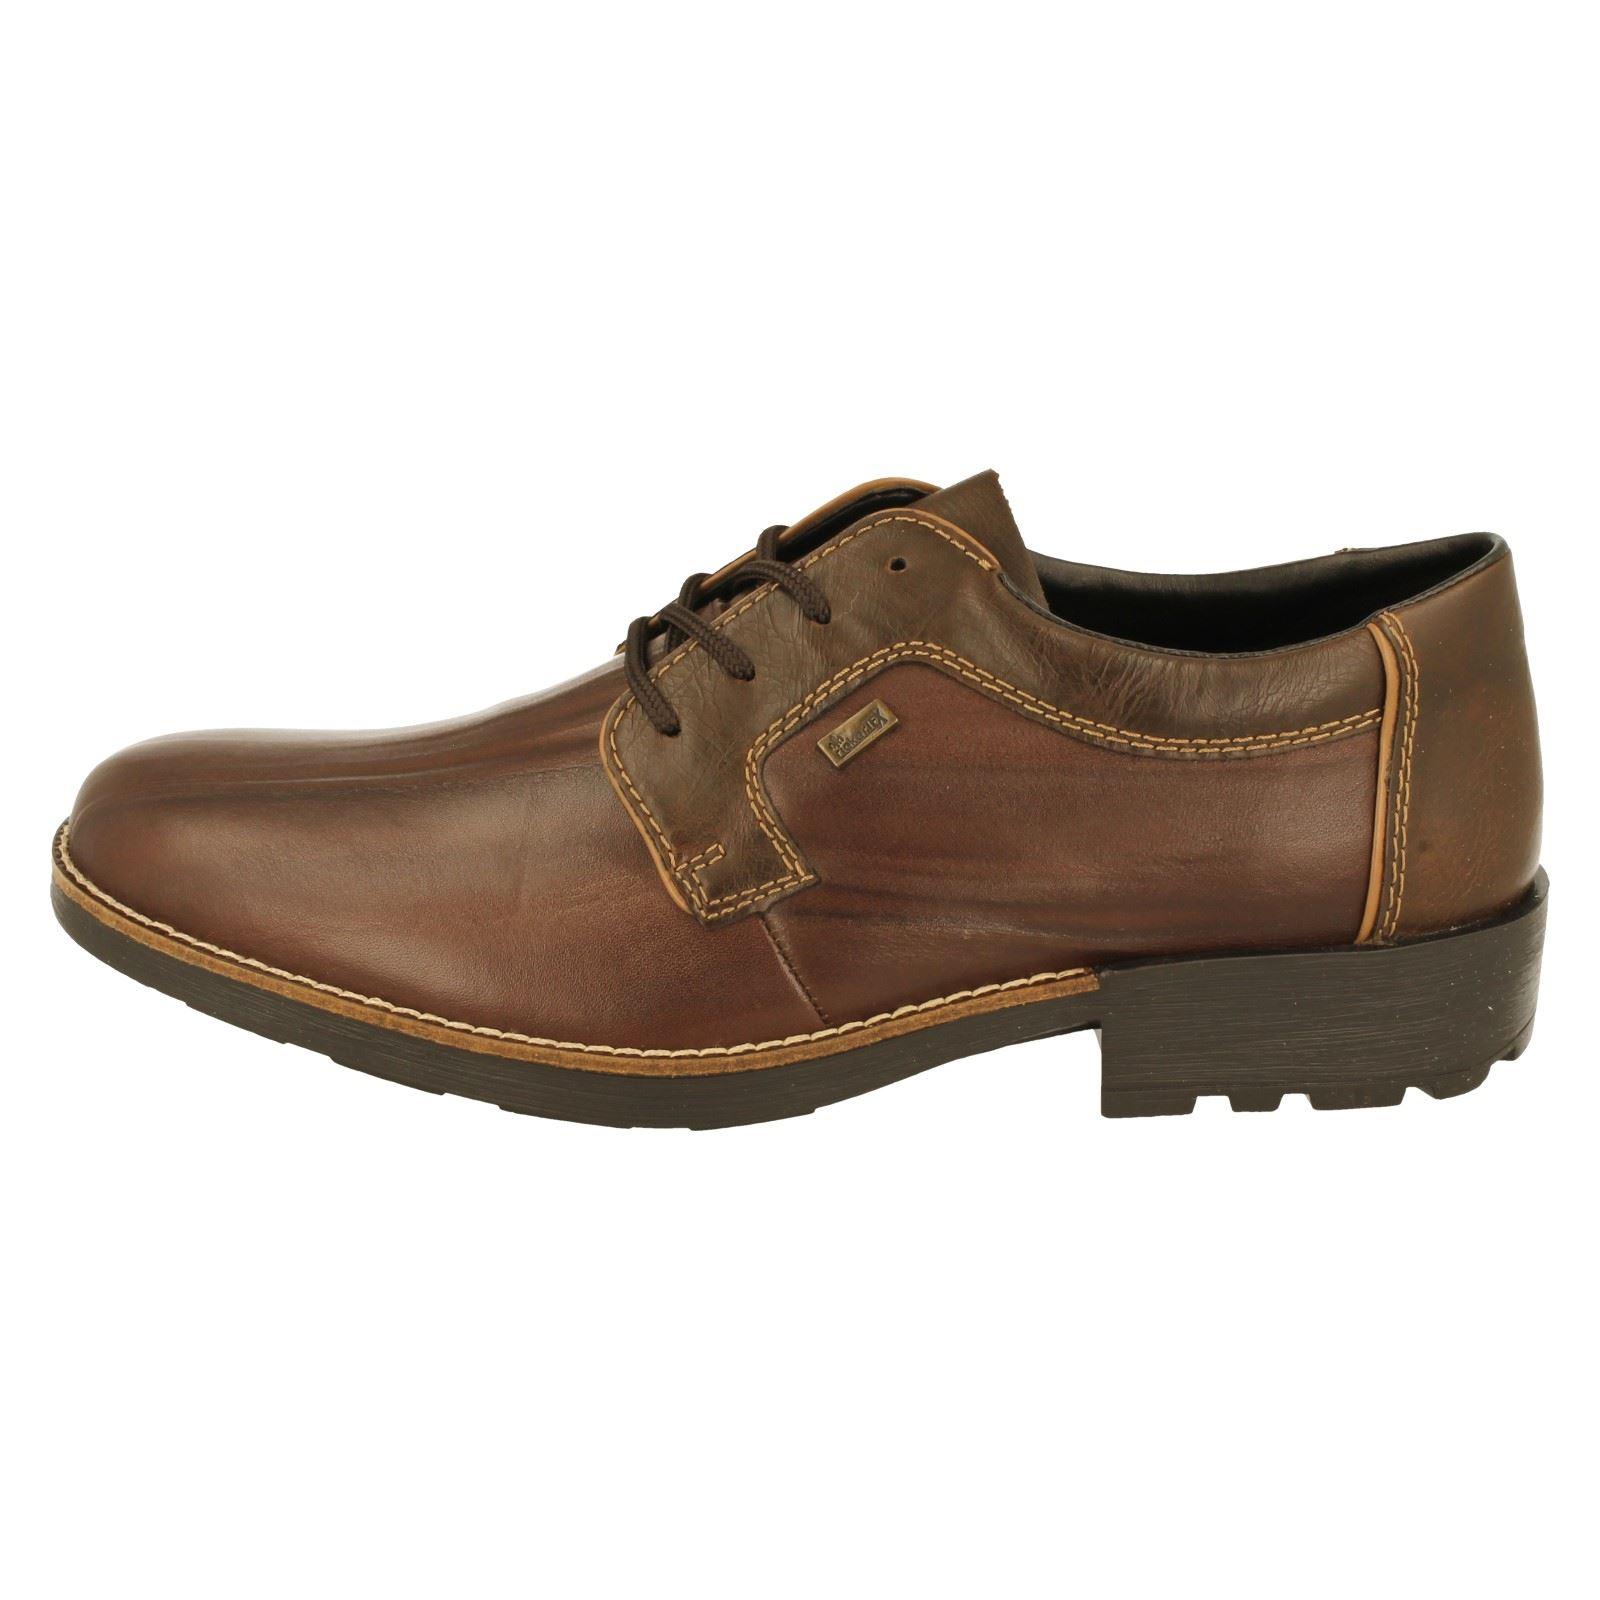 Billig hohe Qualität 16024-W Mens Rieker Shoes Label 16024-W Qualität 9d4c67